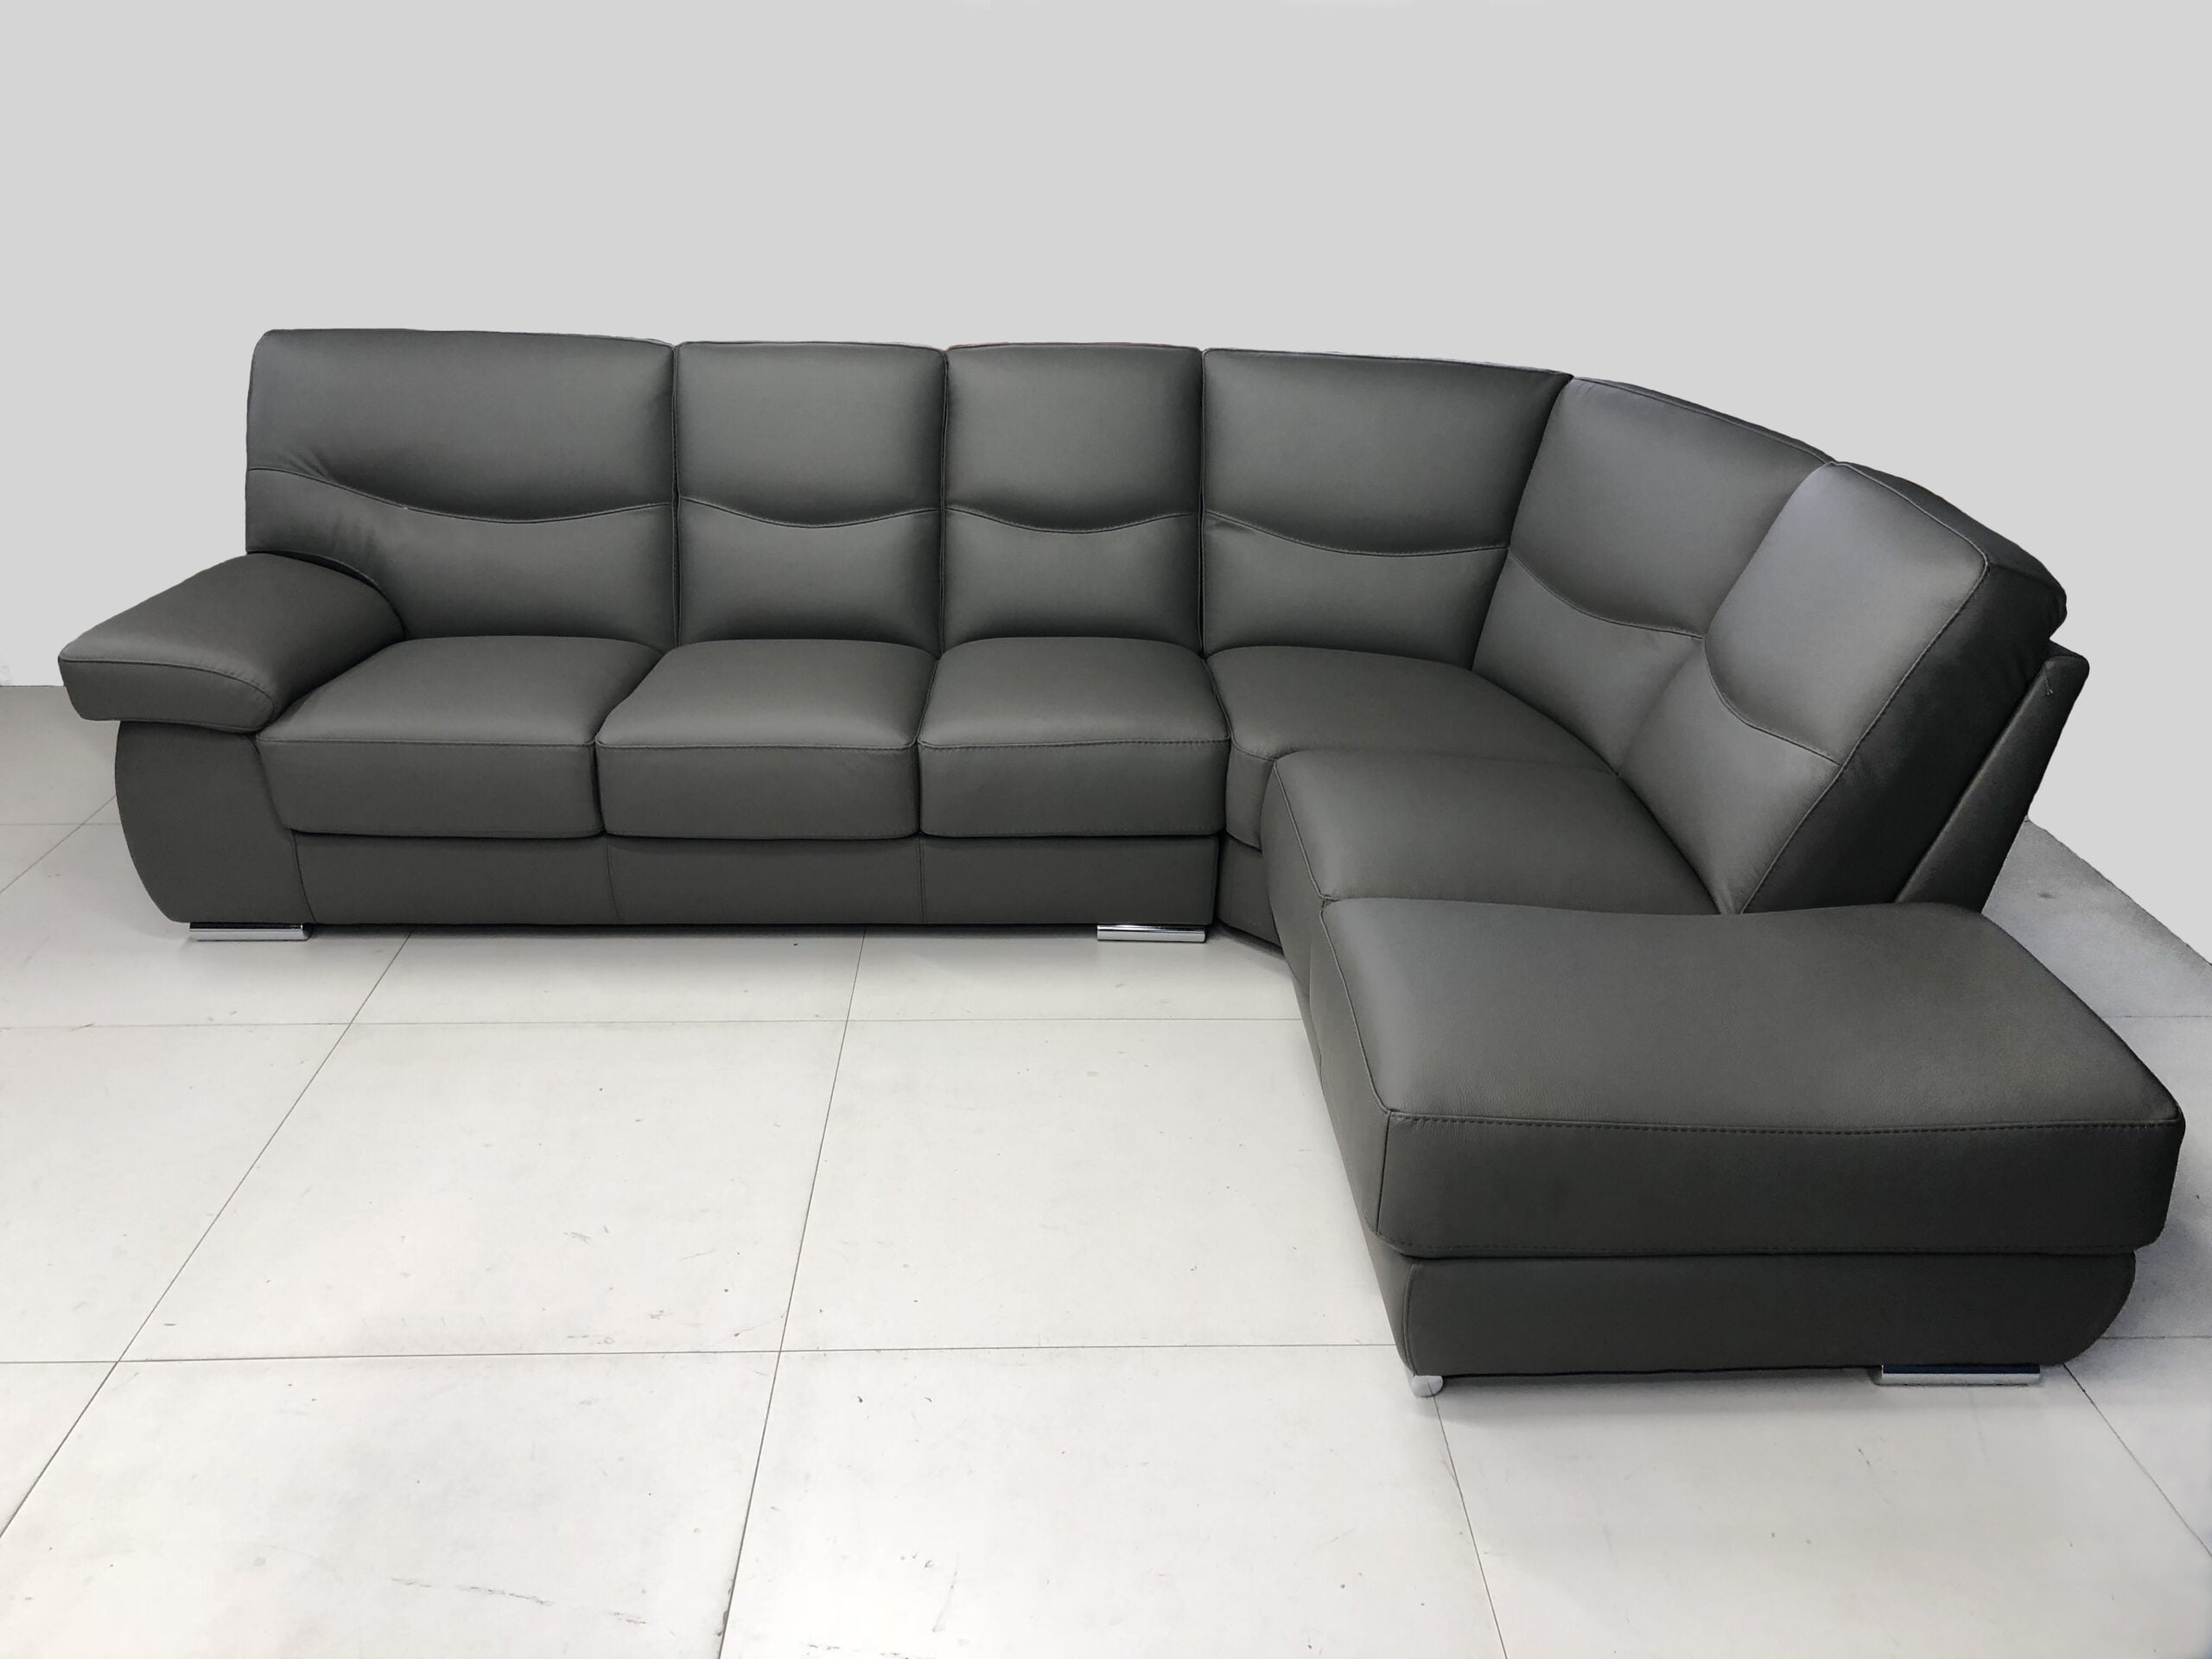 ANGELIQUE sofa giotto living sofa relax sofa ange sofa sofabed